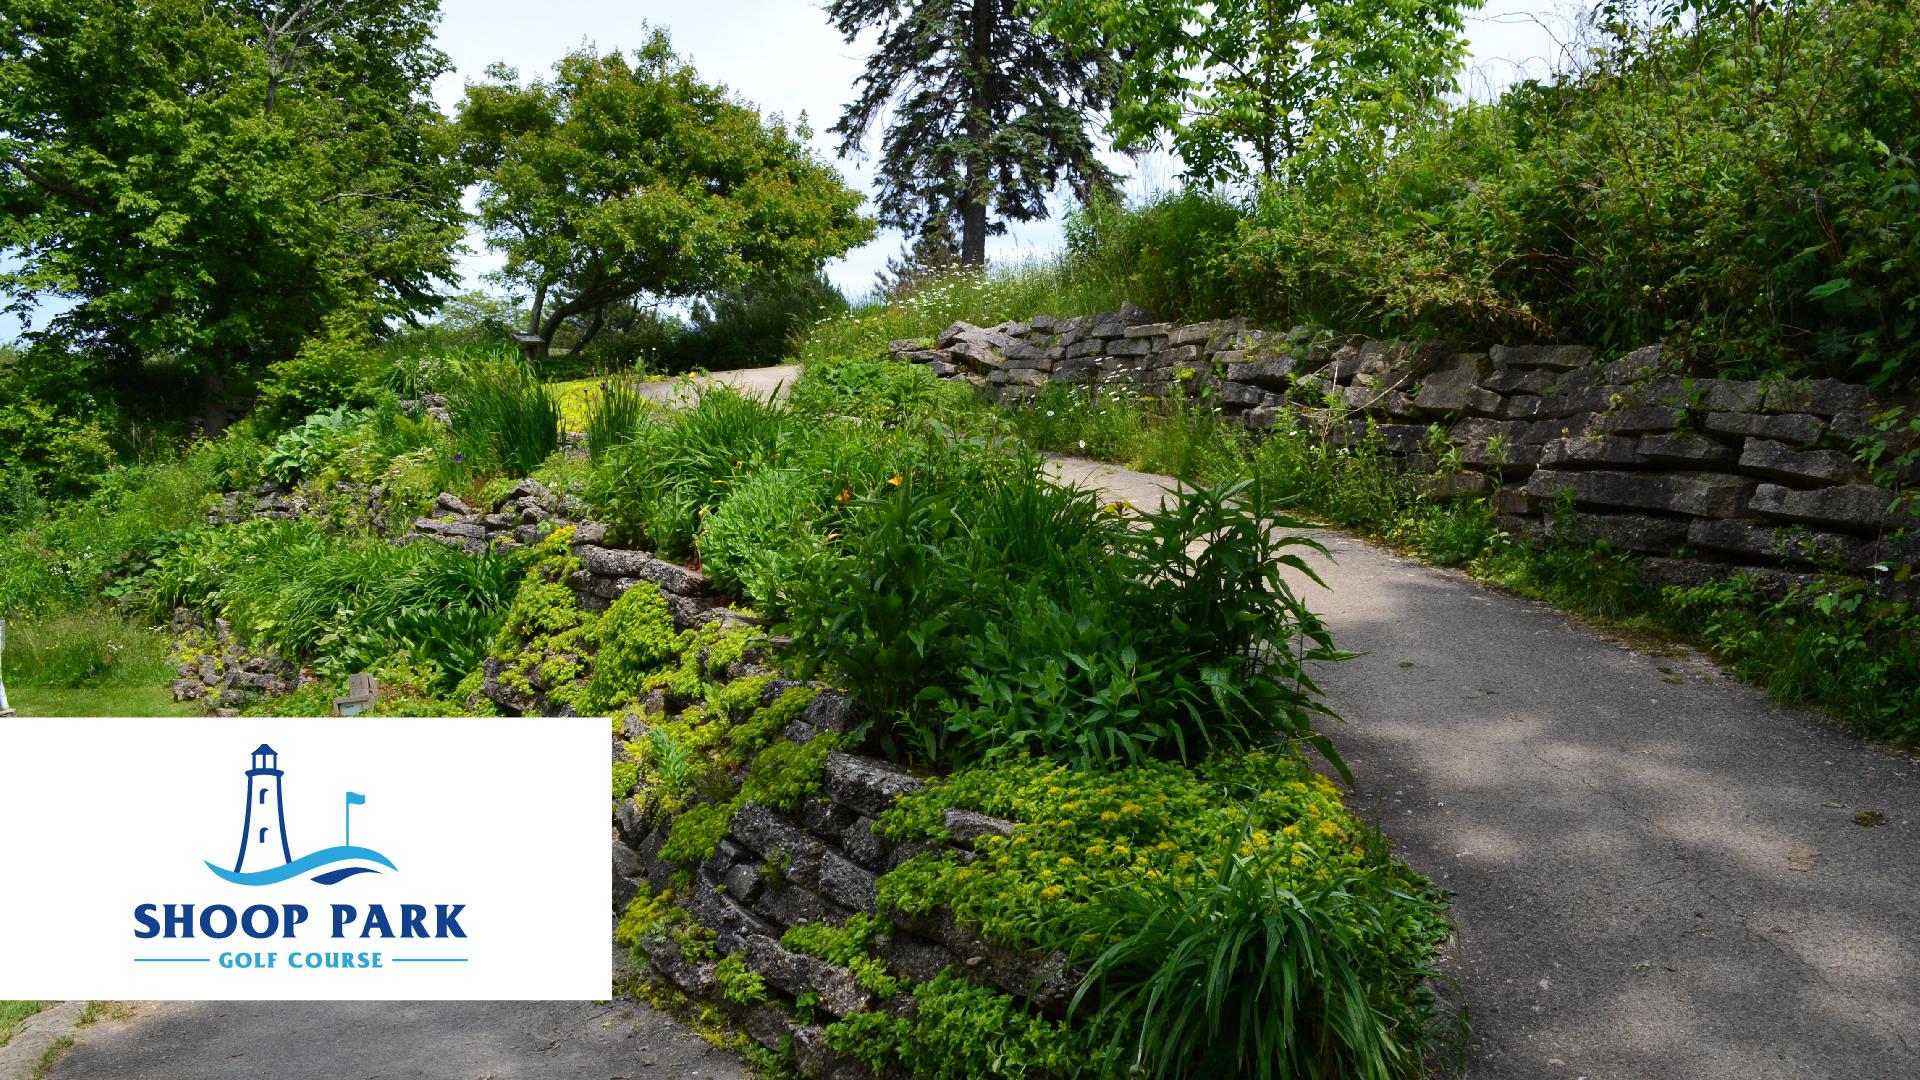 Shoop-Park-Golf-Course-Green-Golf-Partners